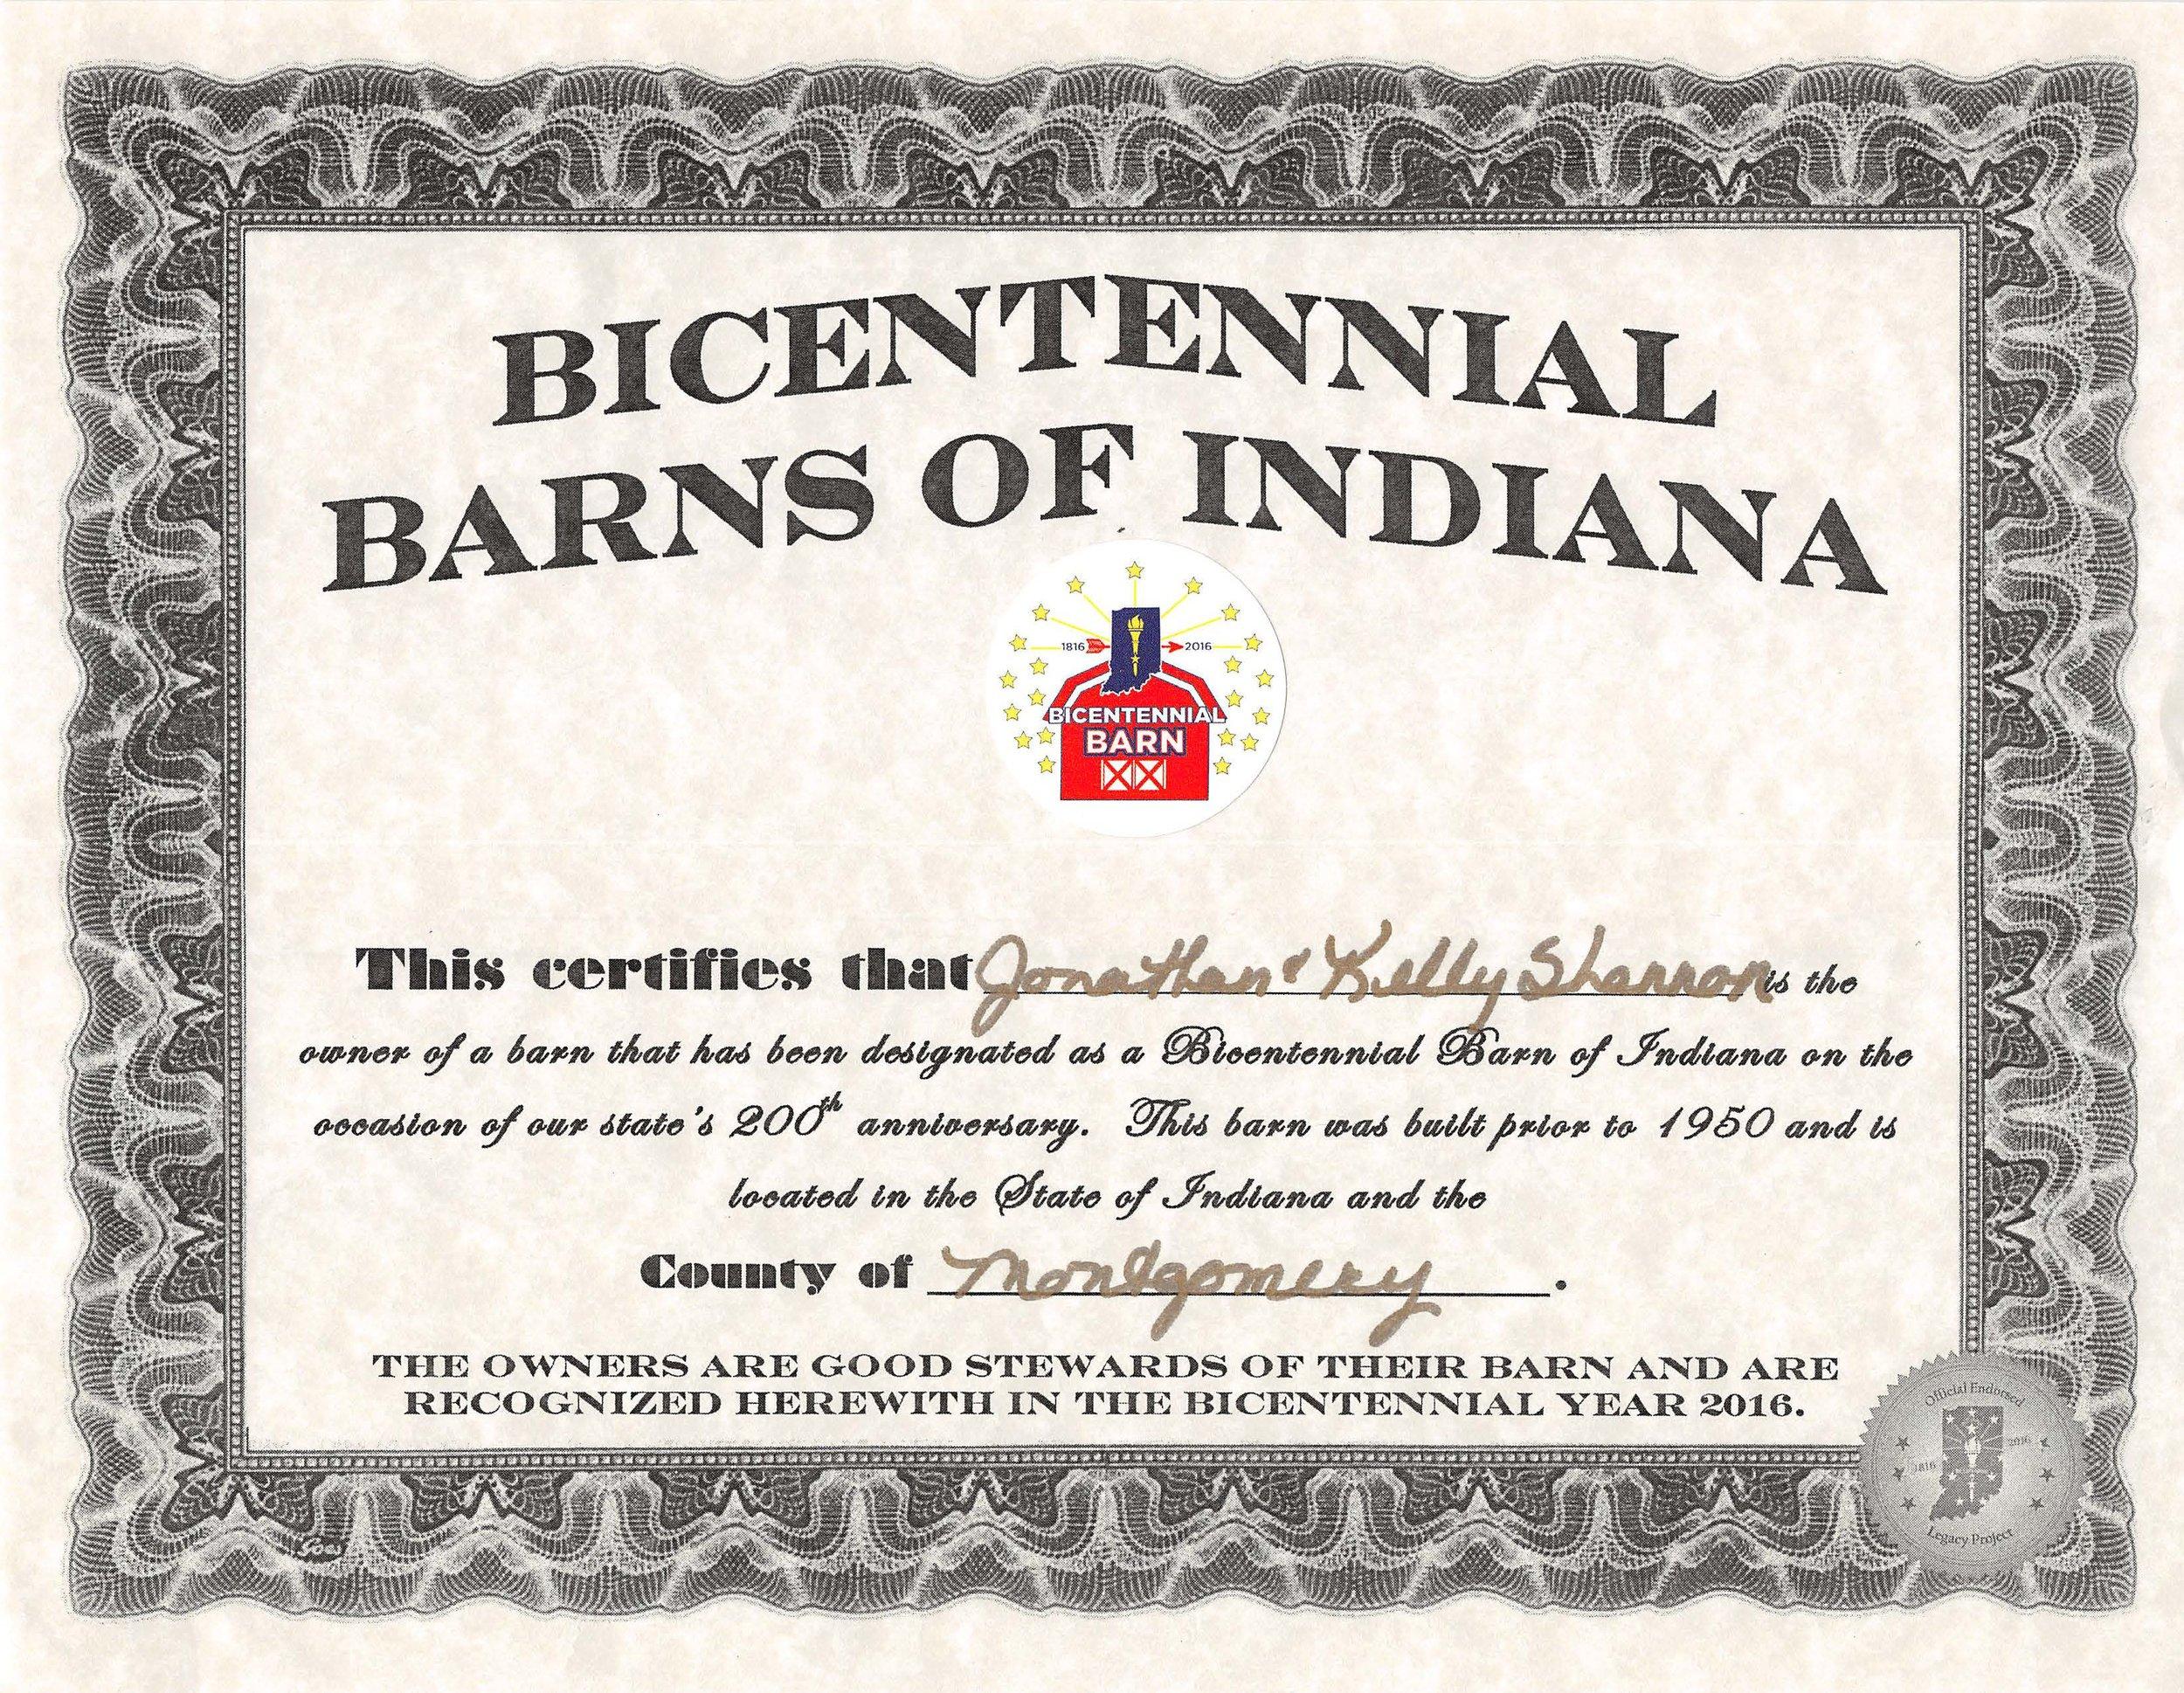 Bicentennial Barns of Indiana